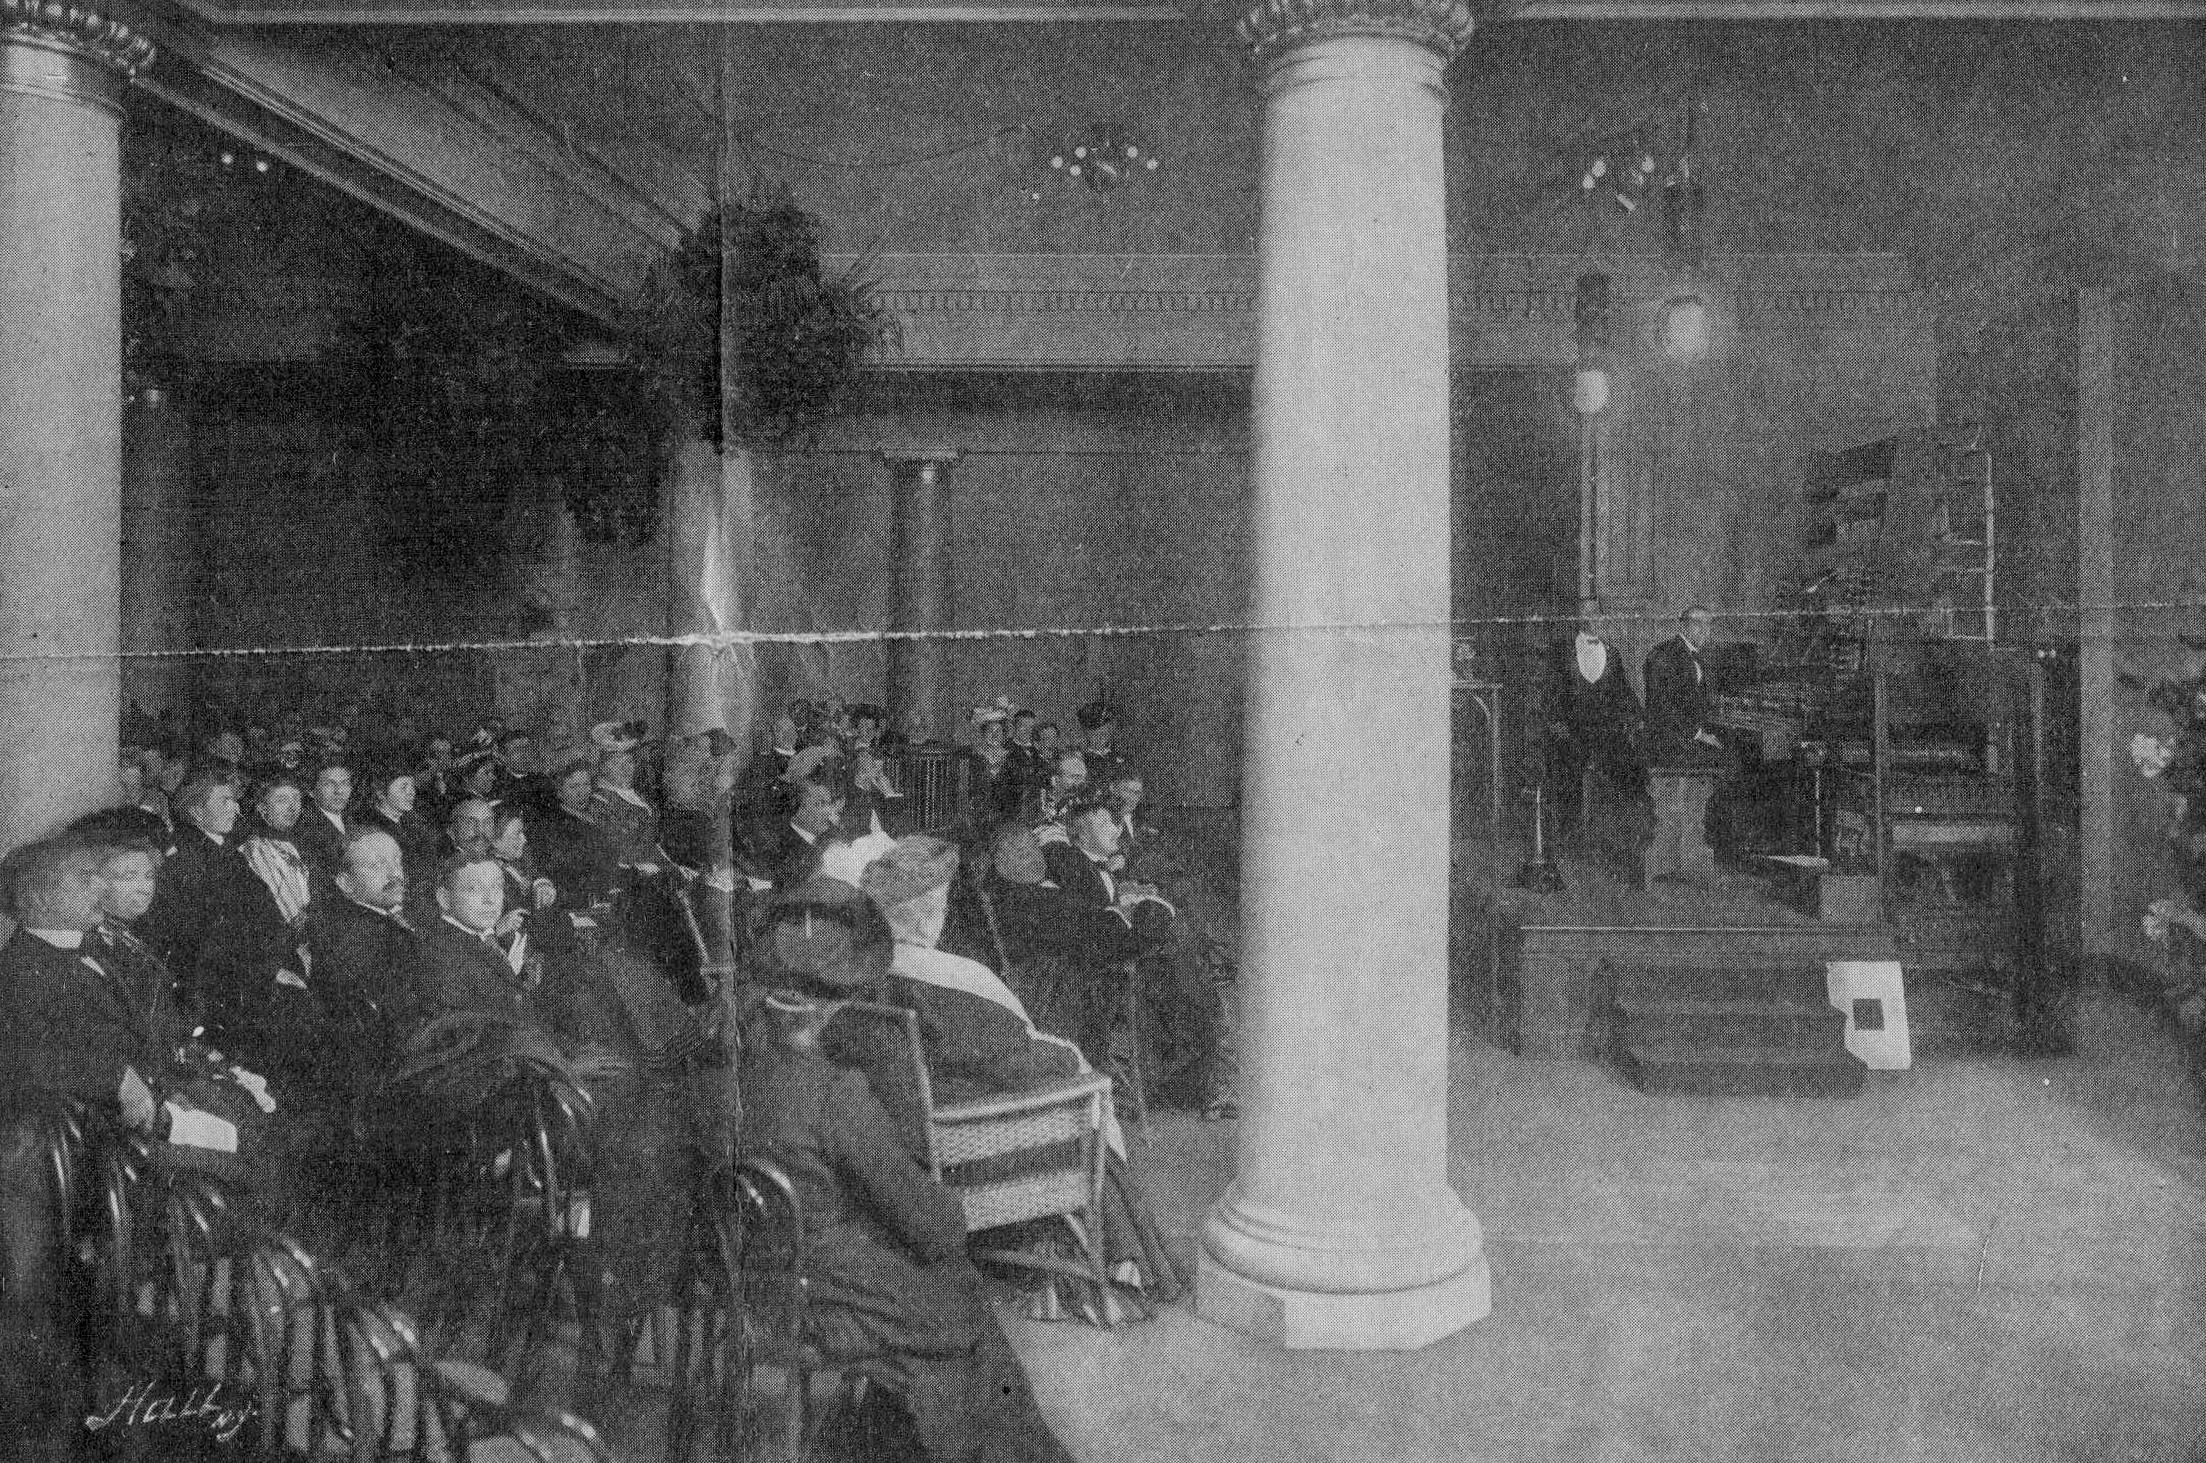 Crowd in Telharmonium Hall